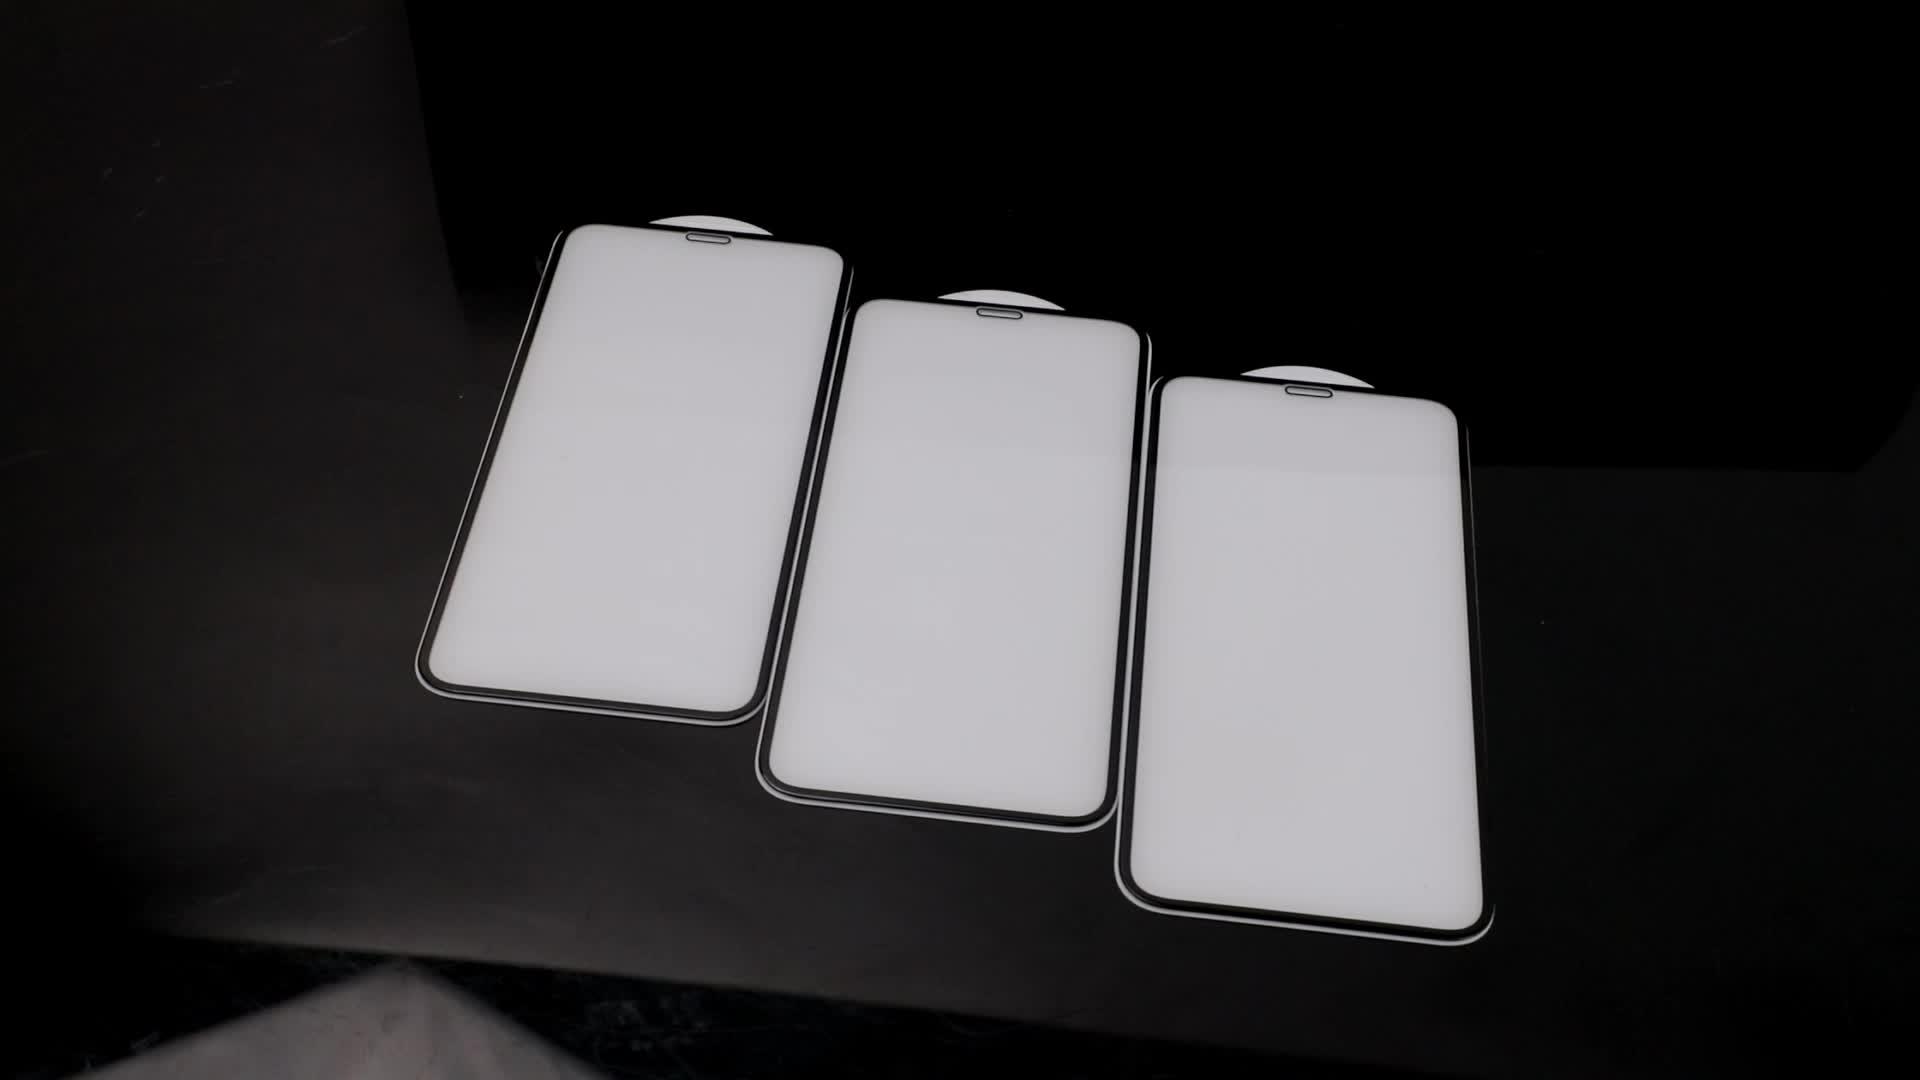 3D 5D 6D منحني 9H كامل التغطية الكاملة الغراء الزجاج المقسى واقي للشاشة الحرس ل فون 9 SE2 IP6 I6 6G 7 8 6S 4.7